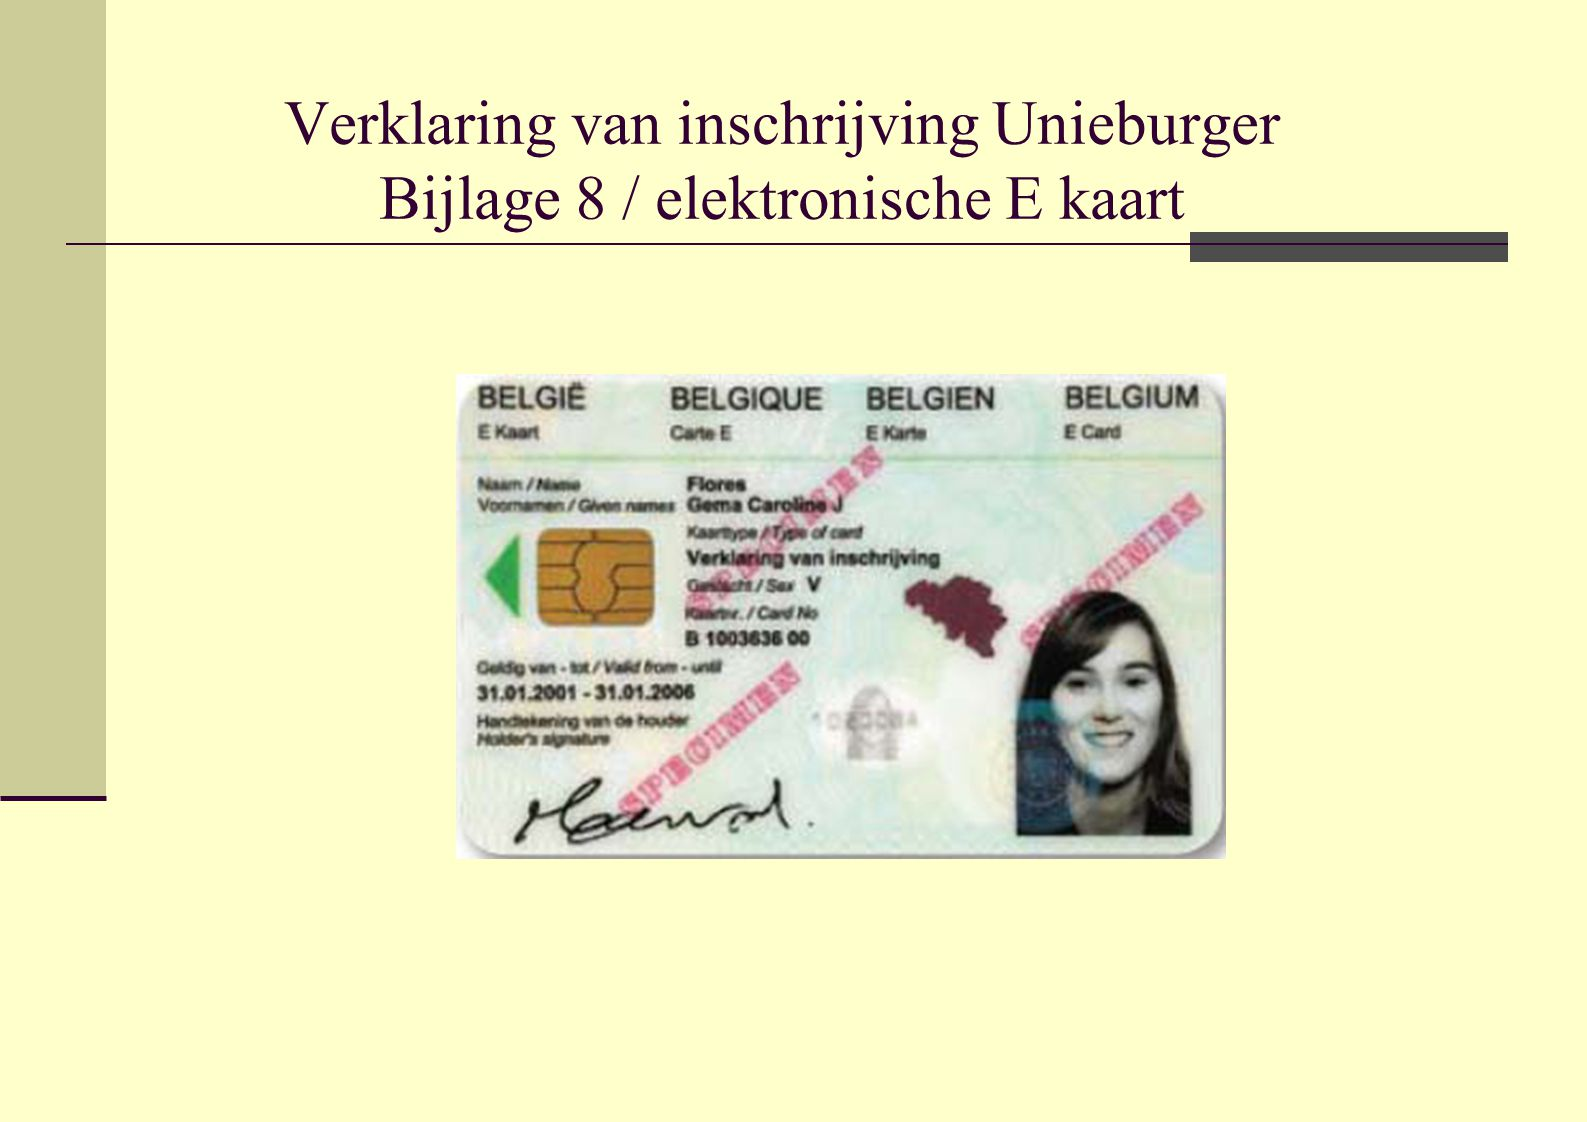 Verklaring van inschrijving Unieburger Bijlage 8 / elektronische E kaart